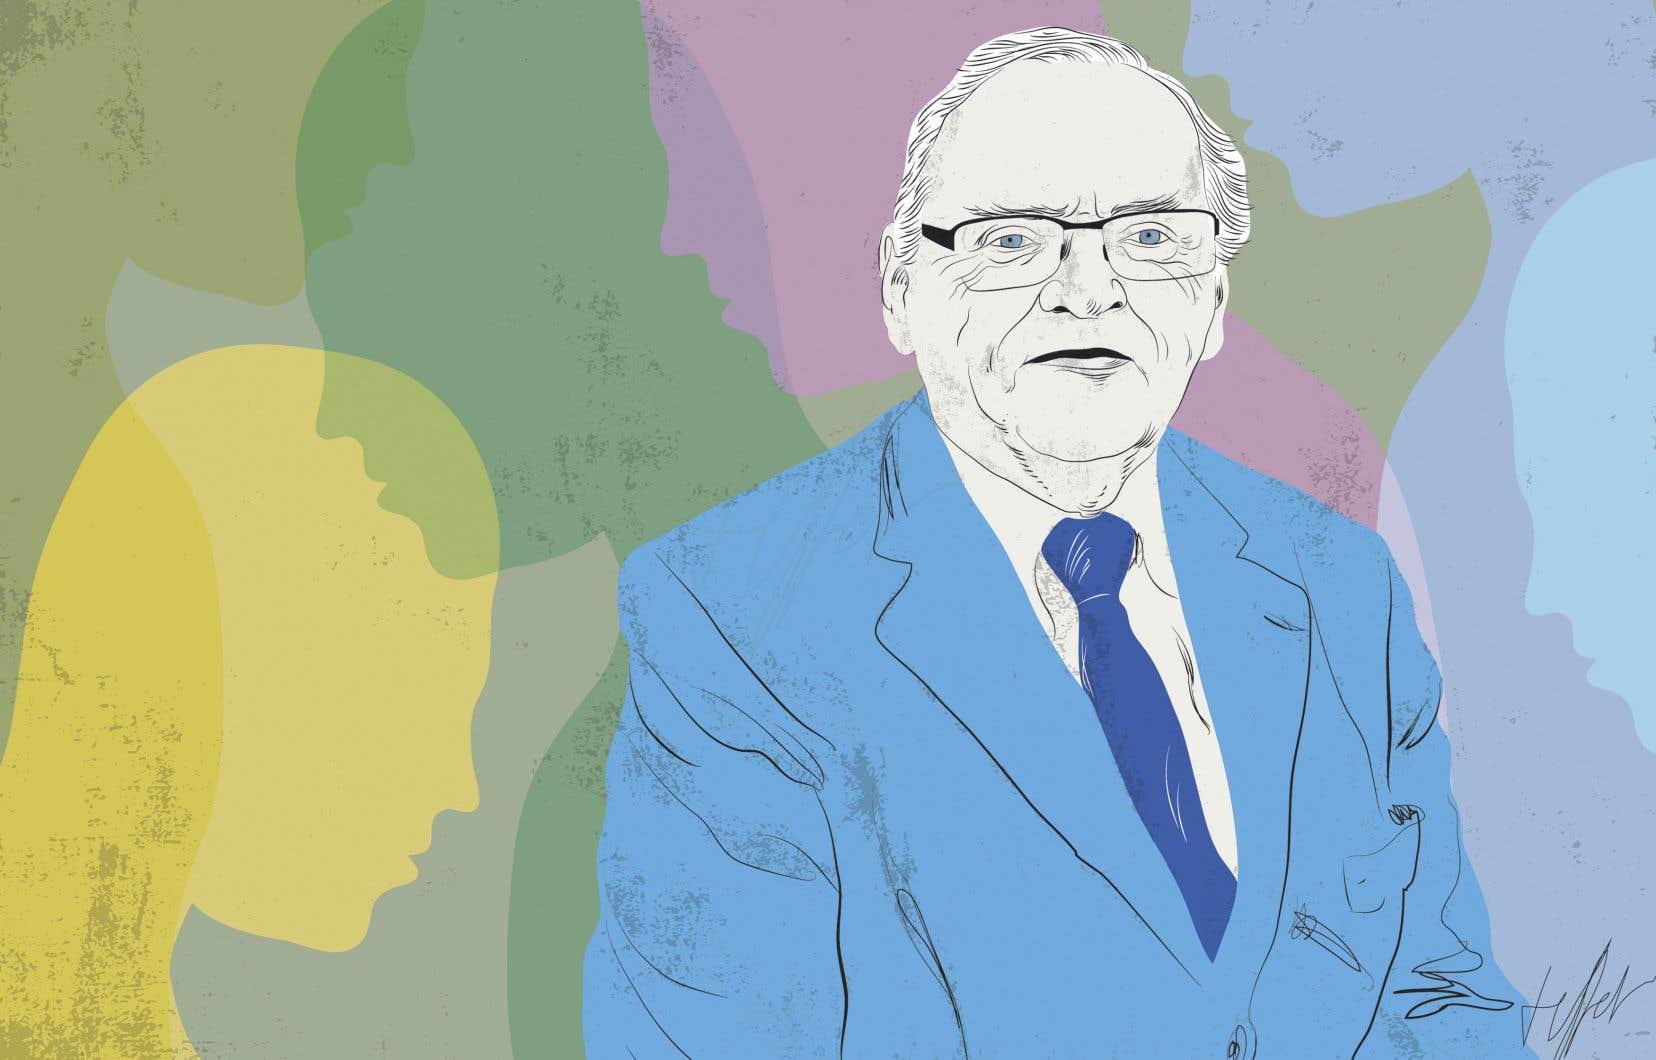 Le philosophe français Jacques Poulain (né en 1942) a publié en 2017 «Peut-on guérir de la mondialisation?» aux Éditions Hermann.